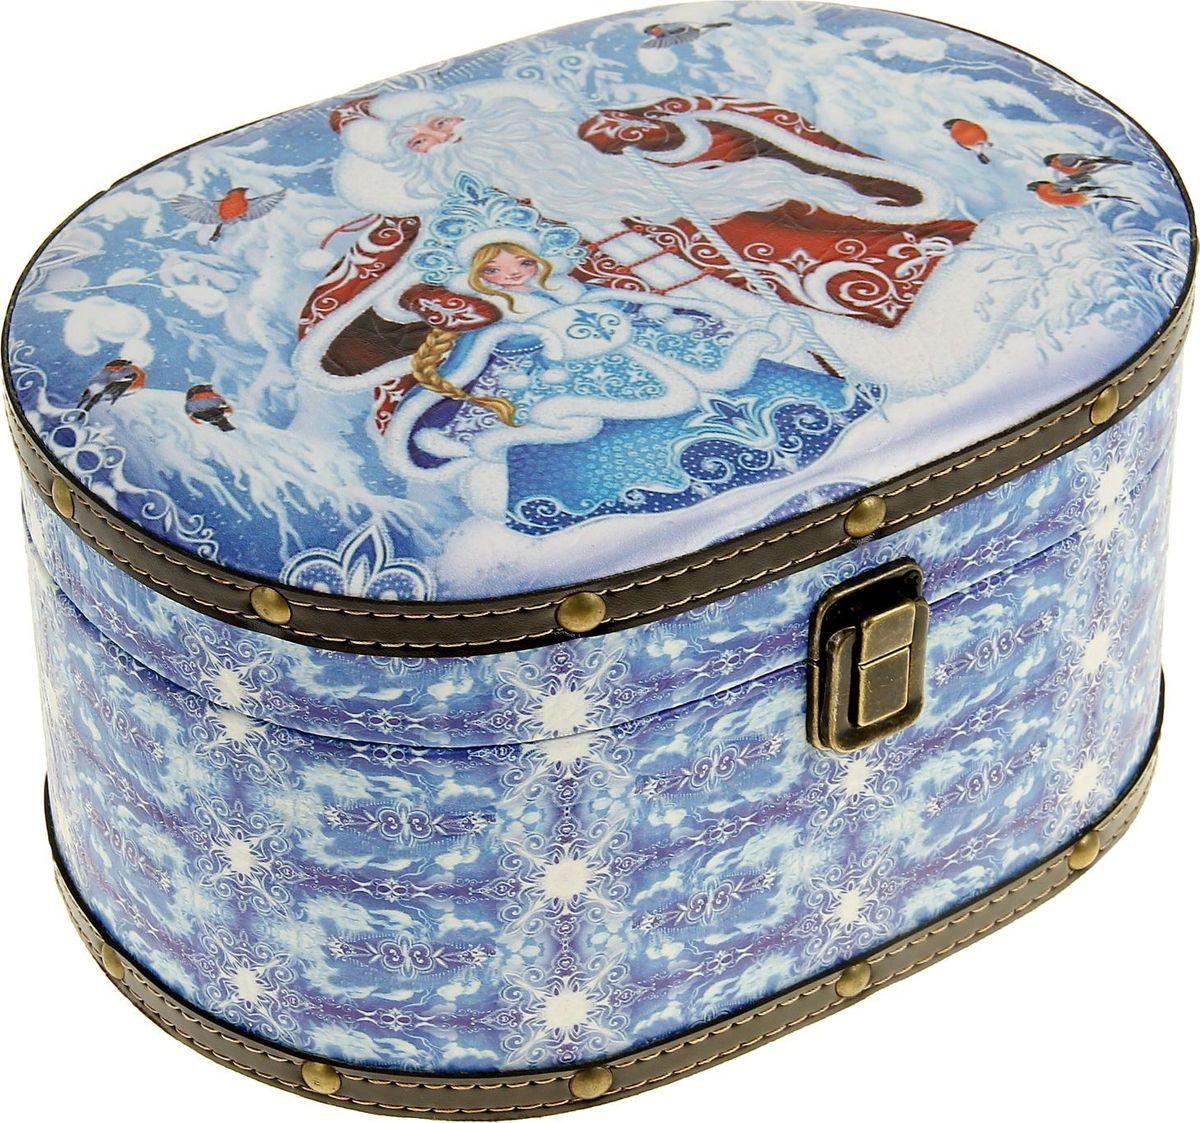 Шкатулка Sima-land Дед Мороз со Снегурочкой в зимнем лесу, цвет: голубой, 25 х 18 х 13 см1053619Шкатулка — это небольшой сувенир, а также оригинальная упаковка подарка. Она дополнит интерьер спальни, гостиной или прихожей. Изделие предназначено для хранения украшений: колец, браслетов, часов, цепочек, колье, сережек и прочих предметов.